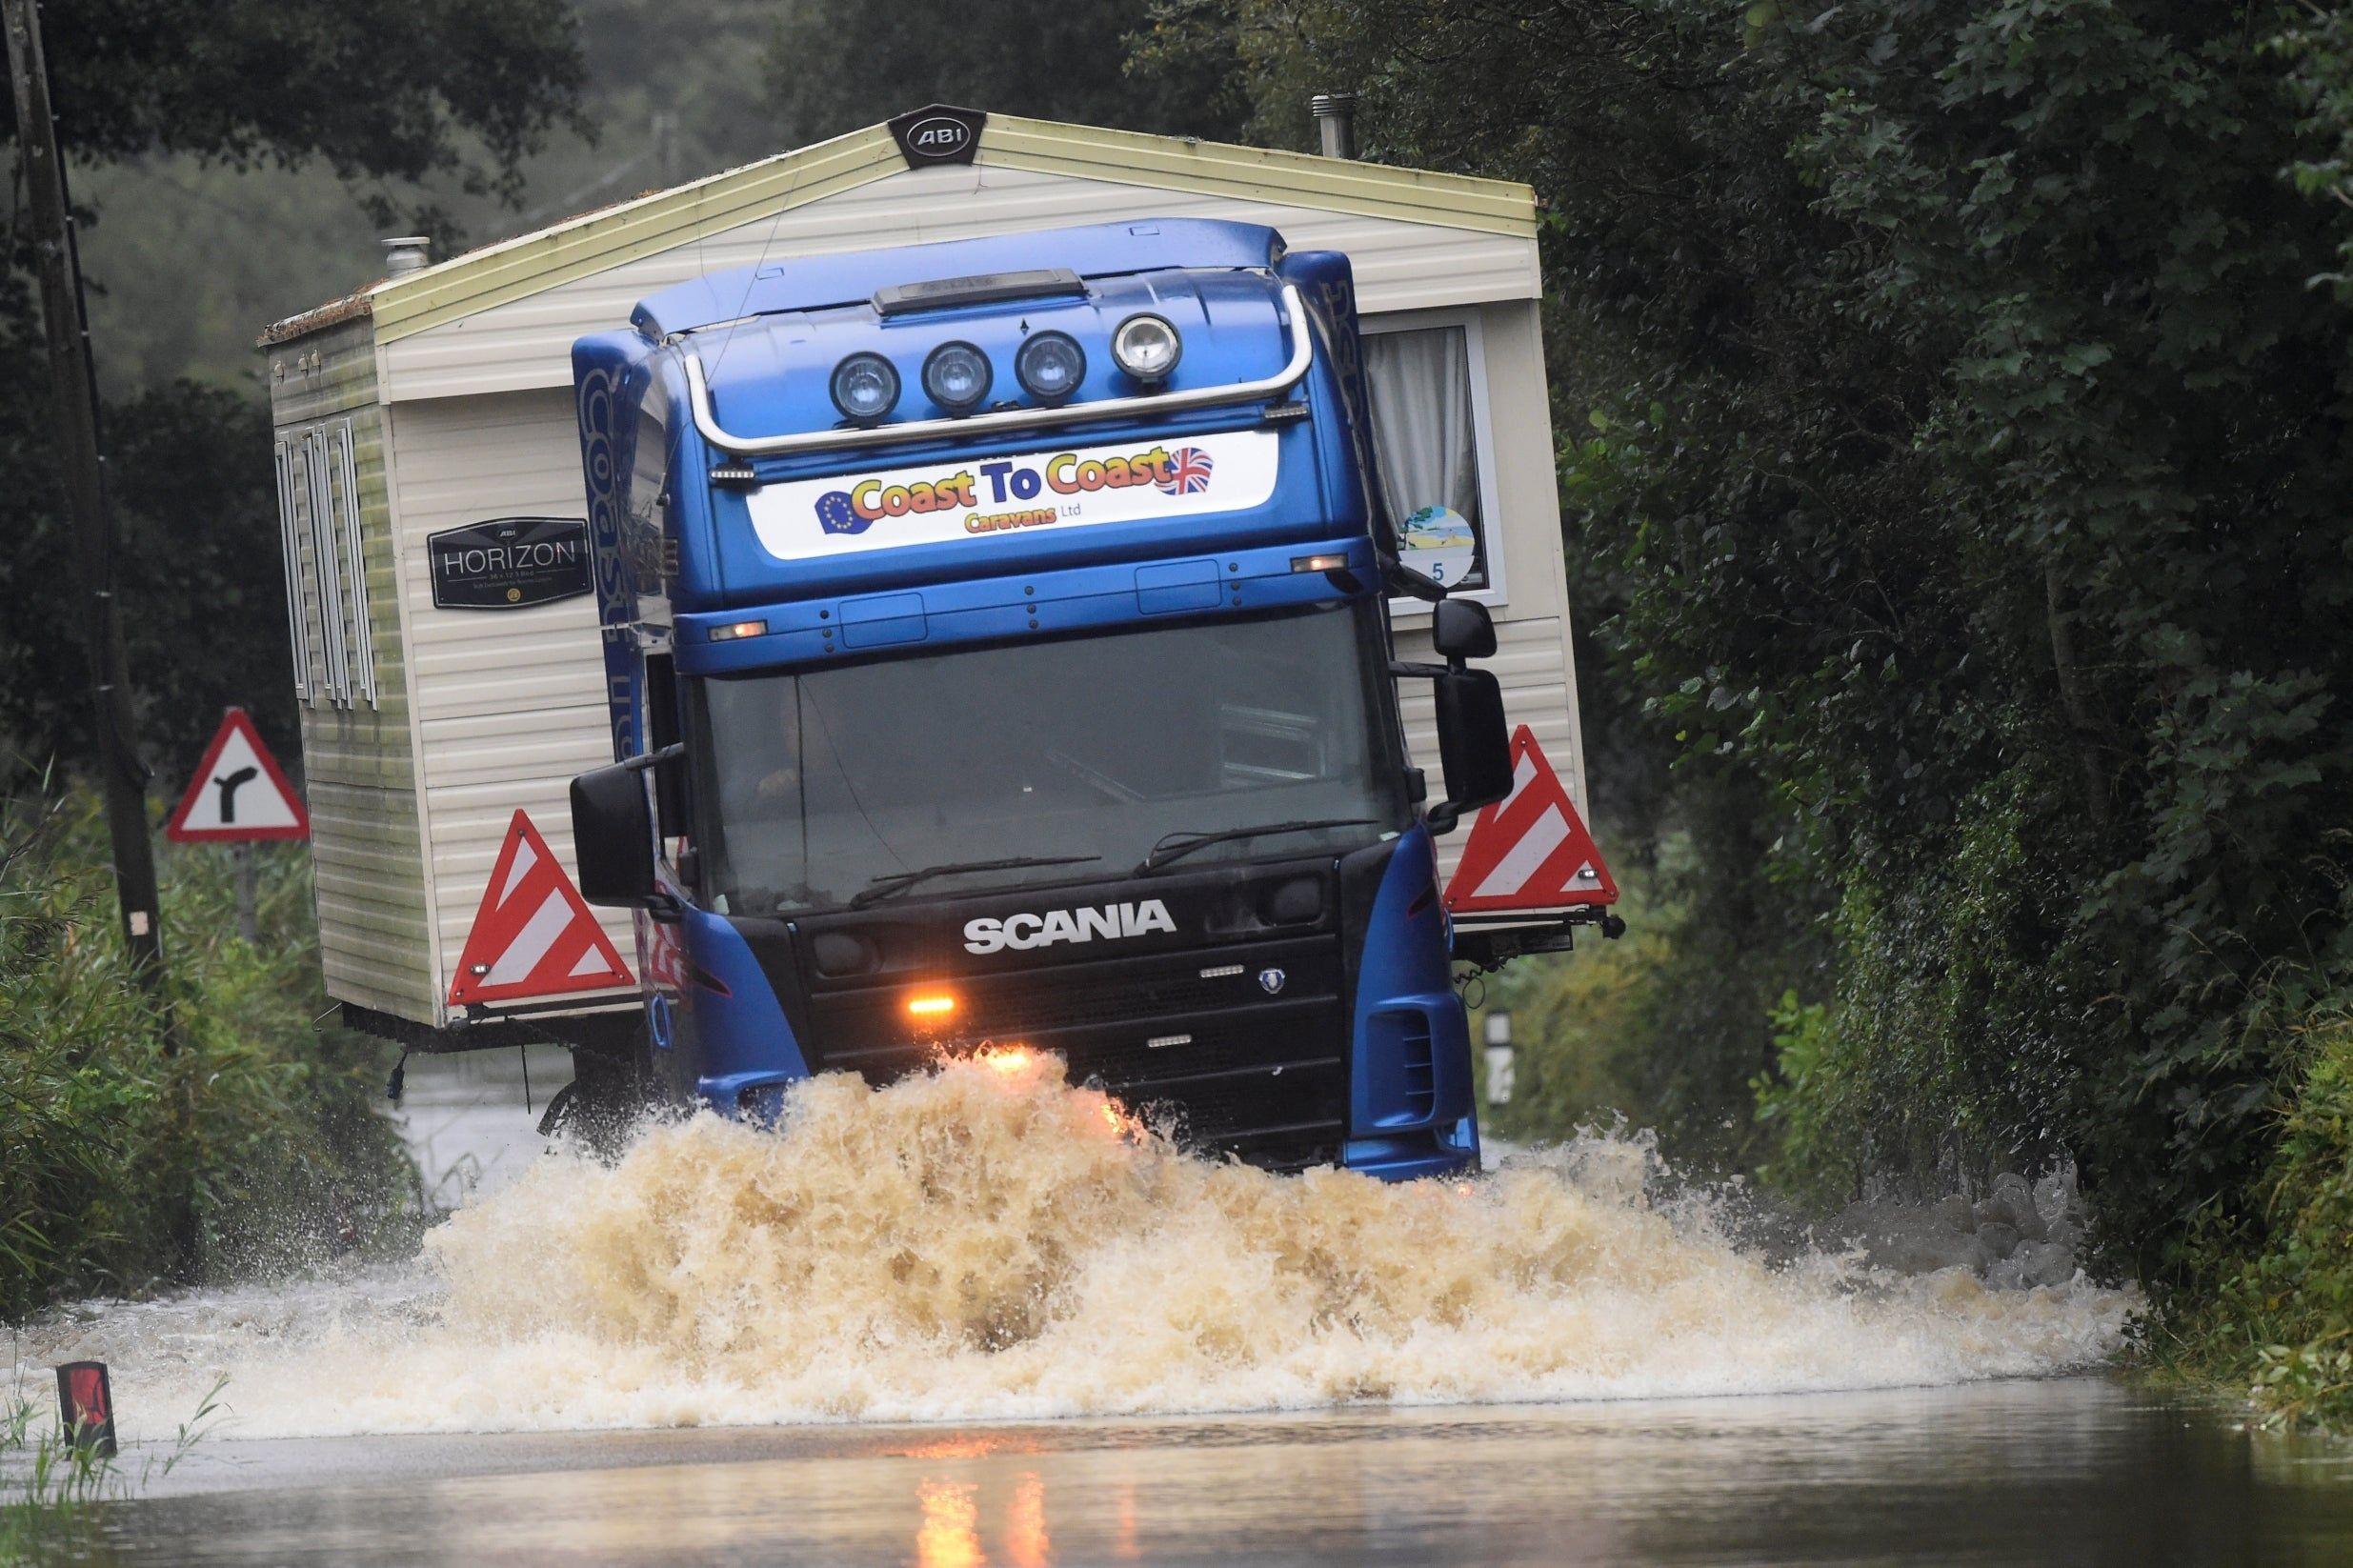 توقعات الطقس في المملكة المتحدة قد تكون عطلة البنوك هي الأبرد على الإطلاق مع توقع المزيد من الفيضانات والأمطار ا Olivia Baker Popcorn Maker Kitchen Appliances